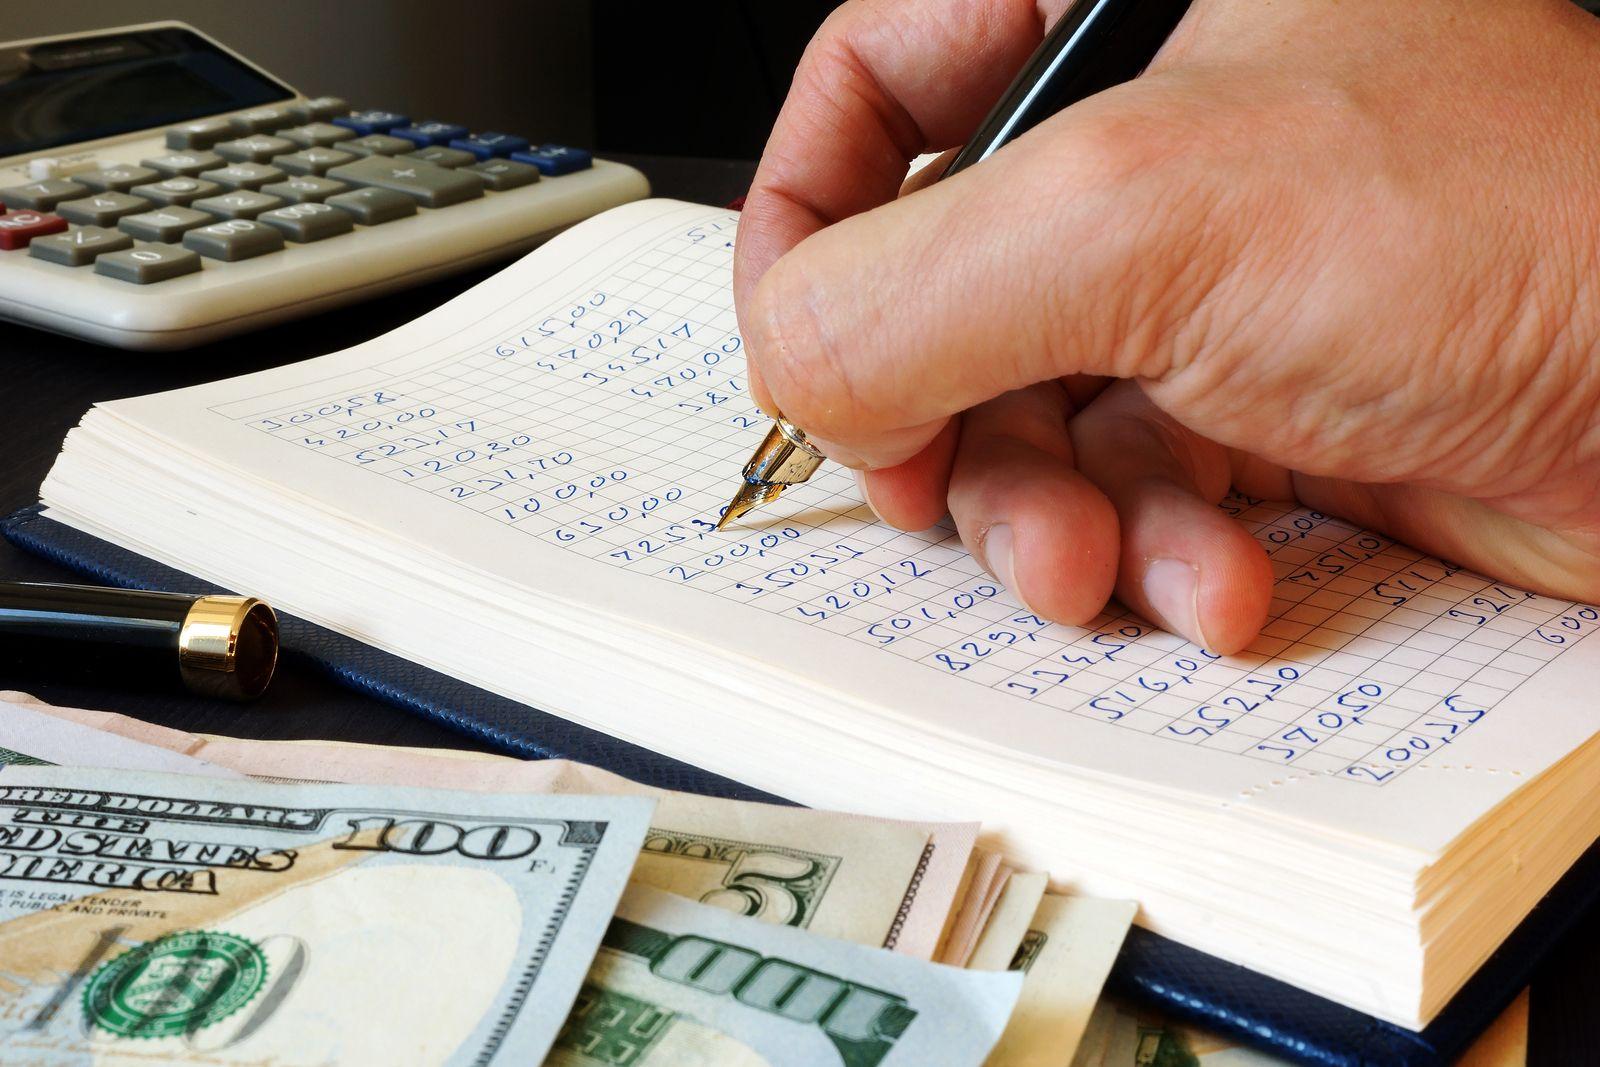 Bookkeeper writing